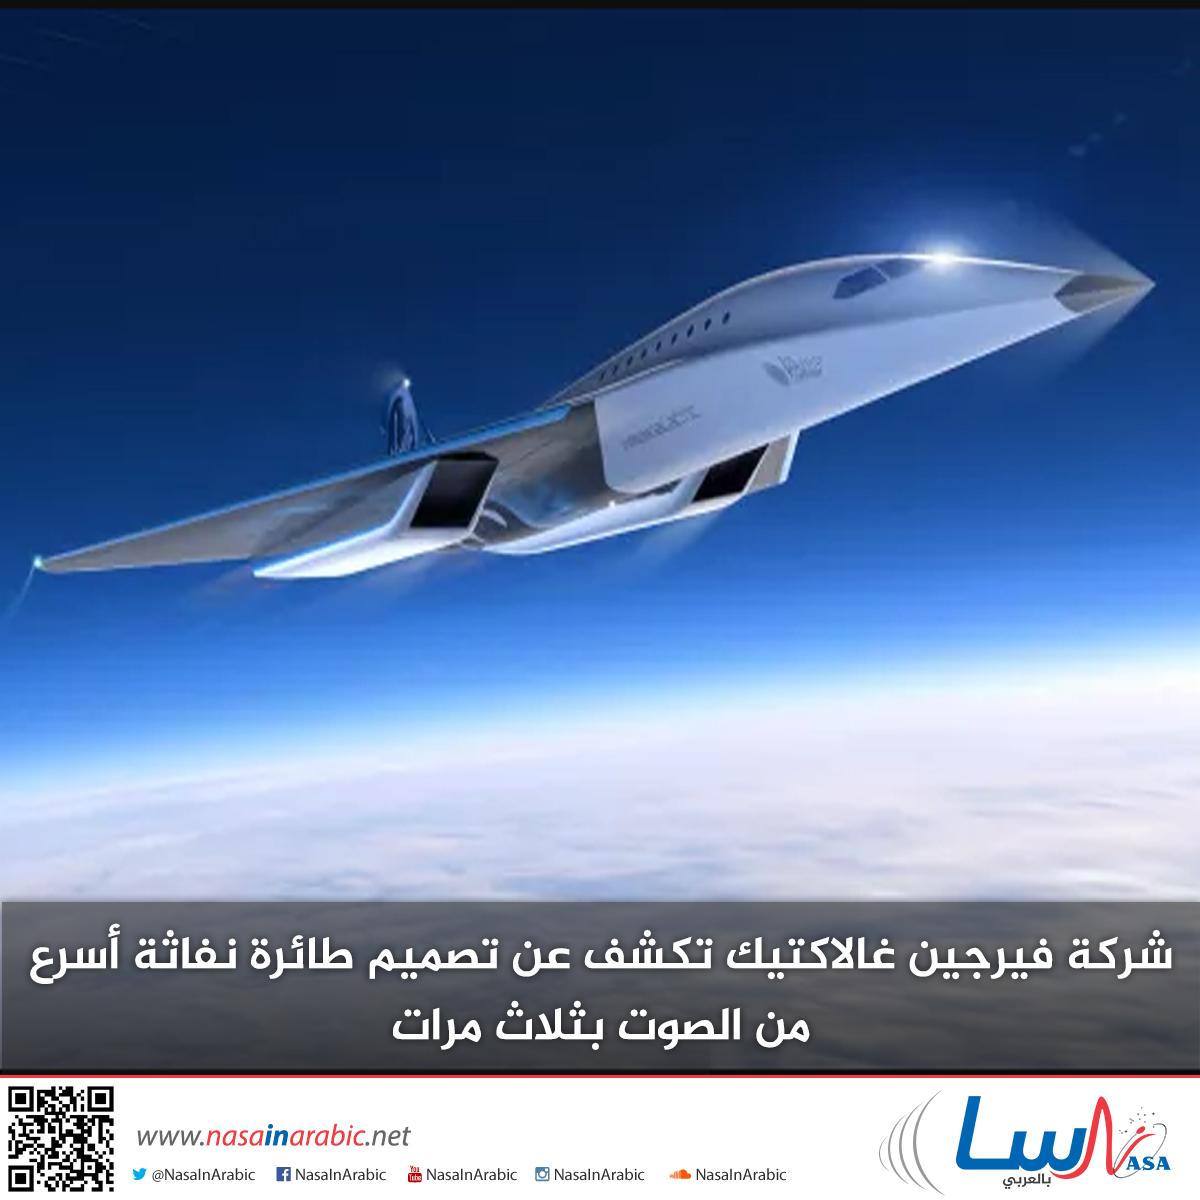 شركة فيرجين غالاكتيك تكشف عن تصميم طائرة نفاثة أسرع من الصوت بثلاث مرات